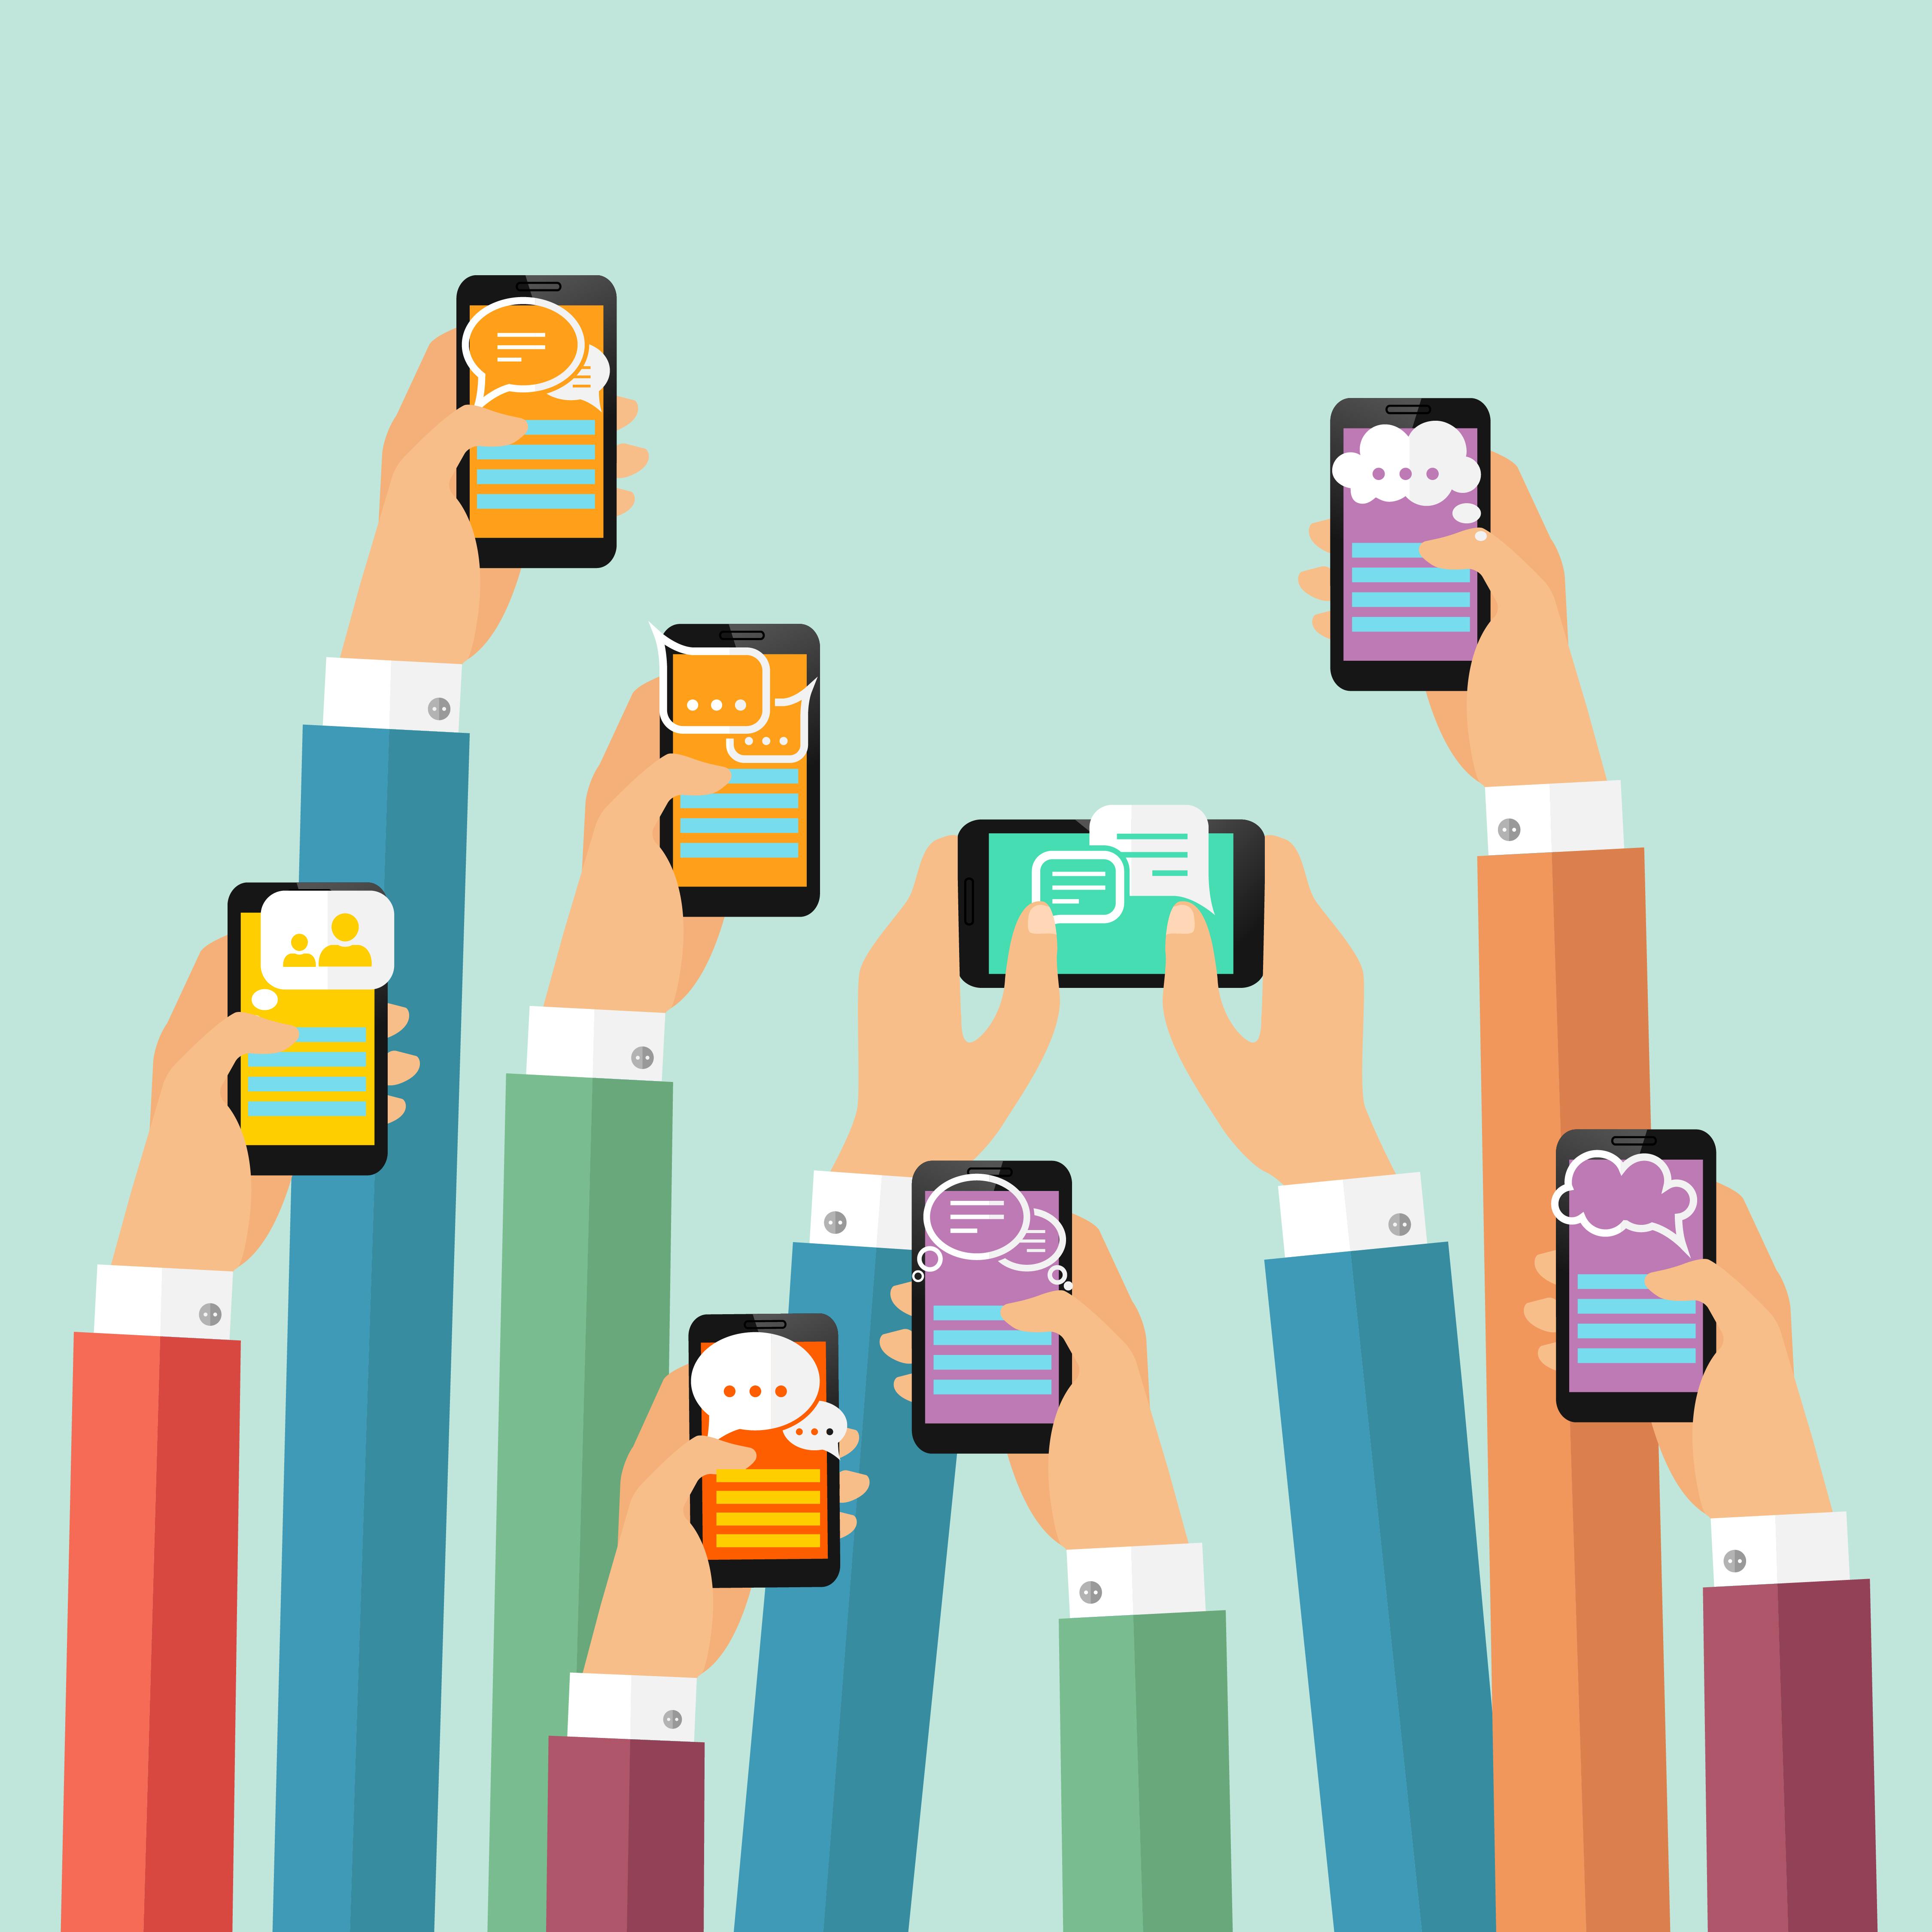 Comment faire de la prospection téléphonique et répondre aux objections ? 1